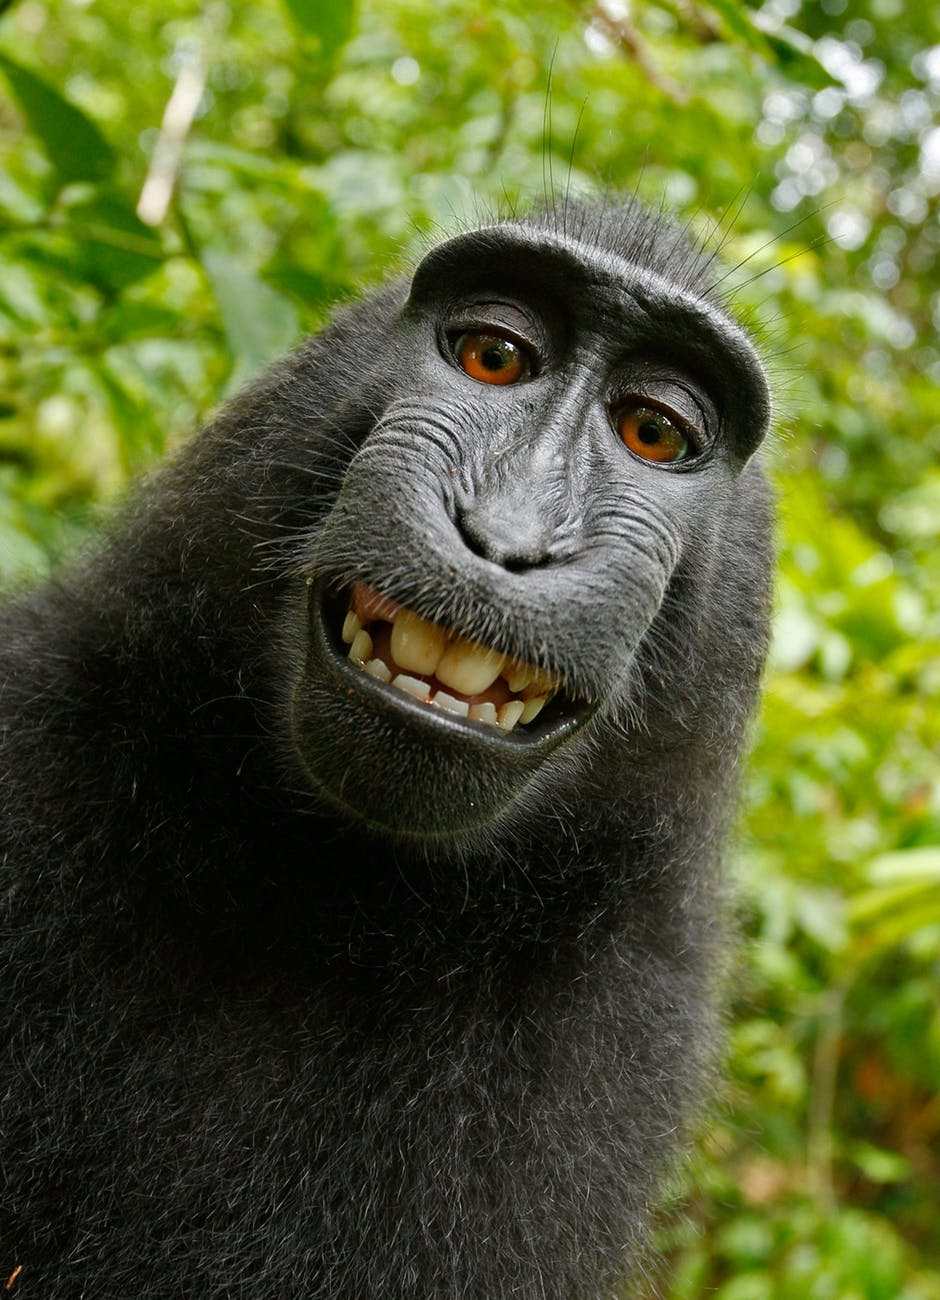 black chimpanzee smiling